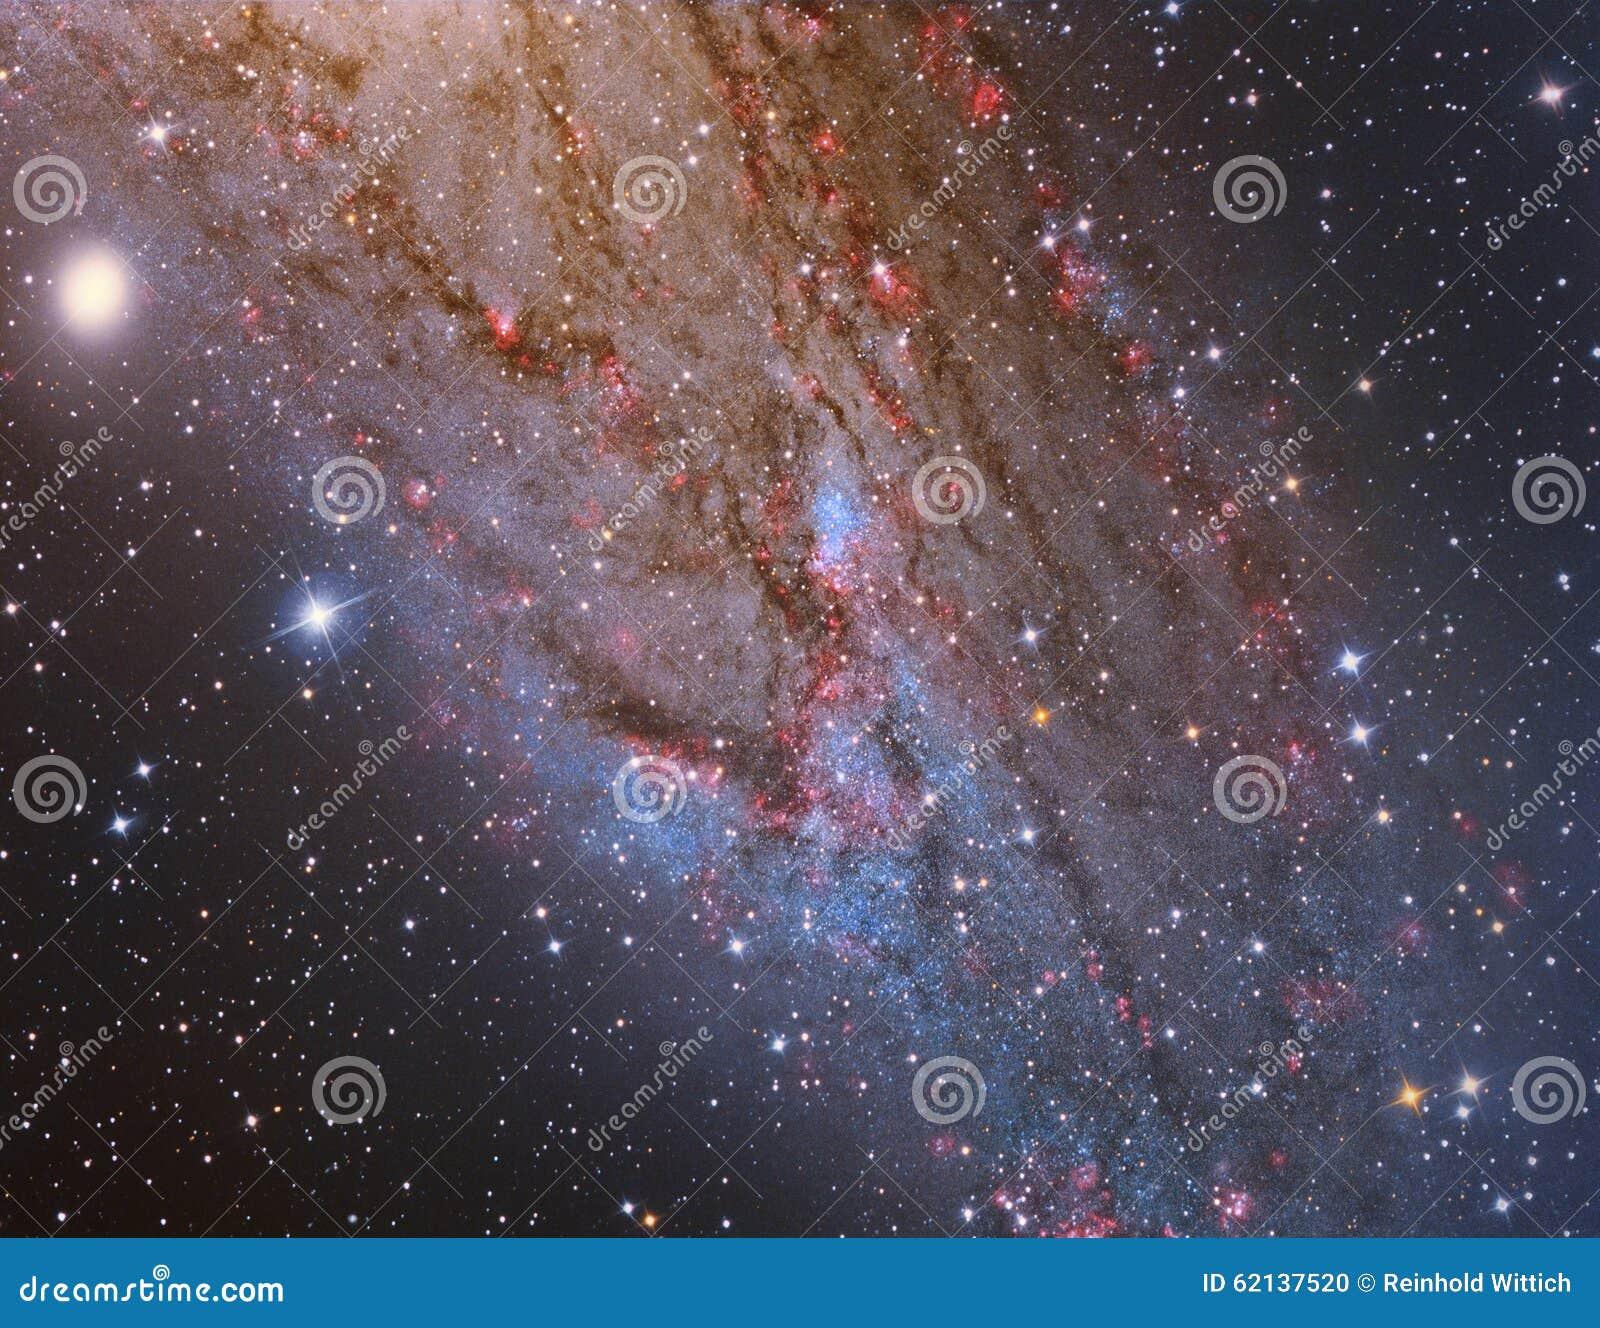 M31 Andromeda Galaxy Closeup